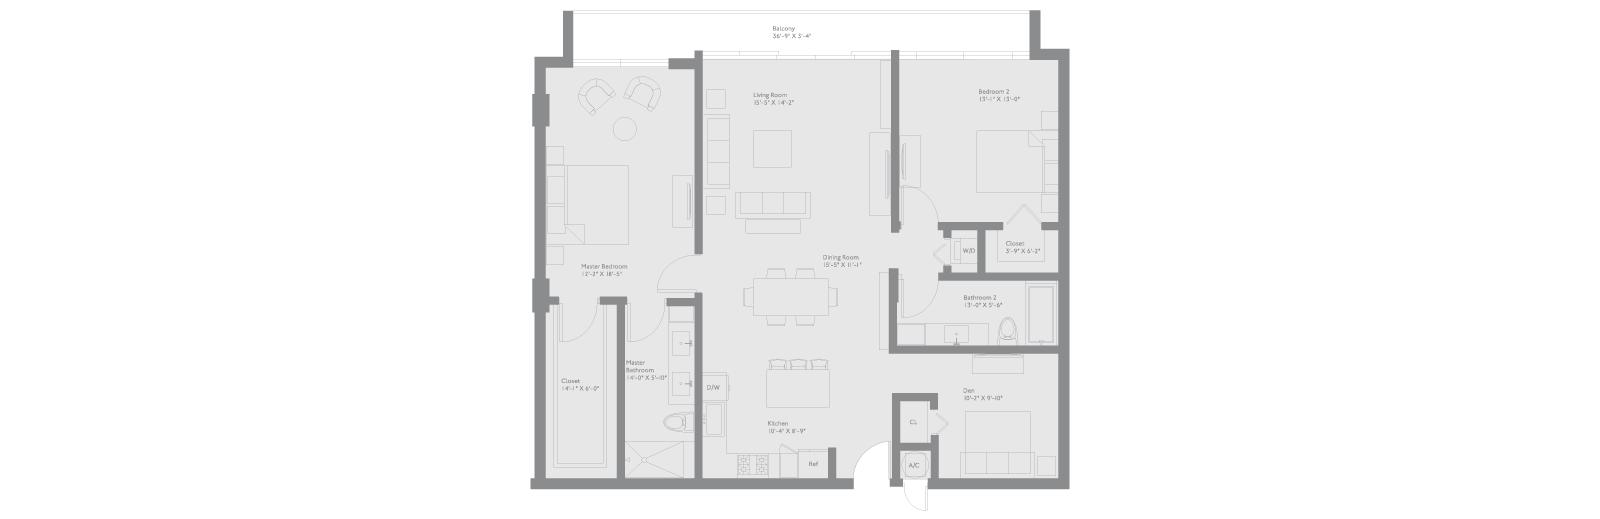 Arbor Floor Plan D 12 15 17